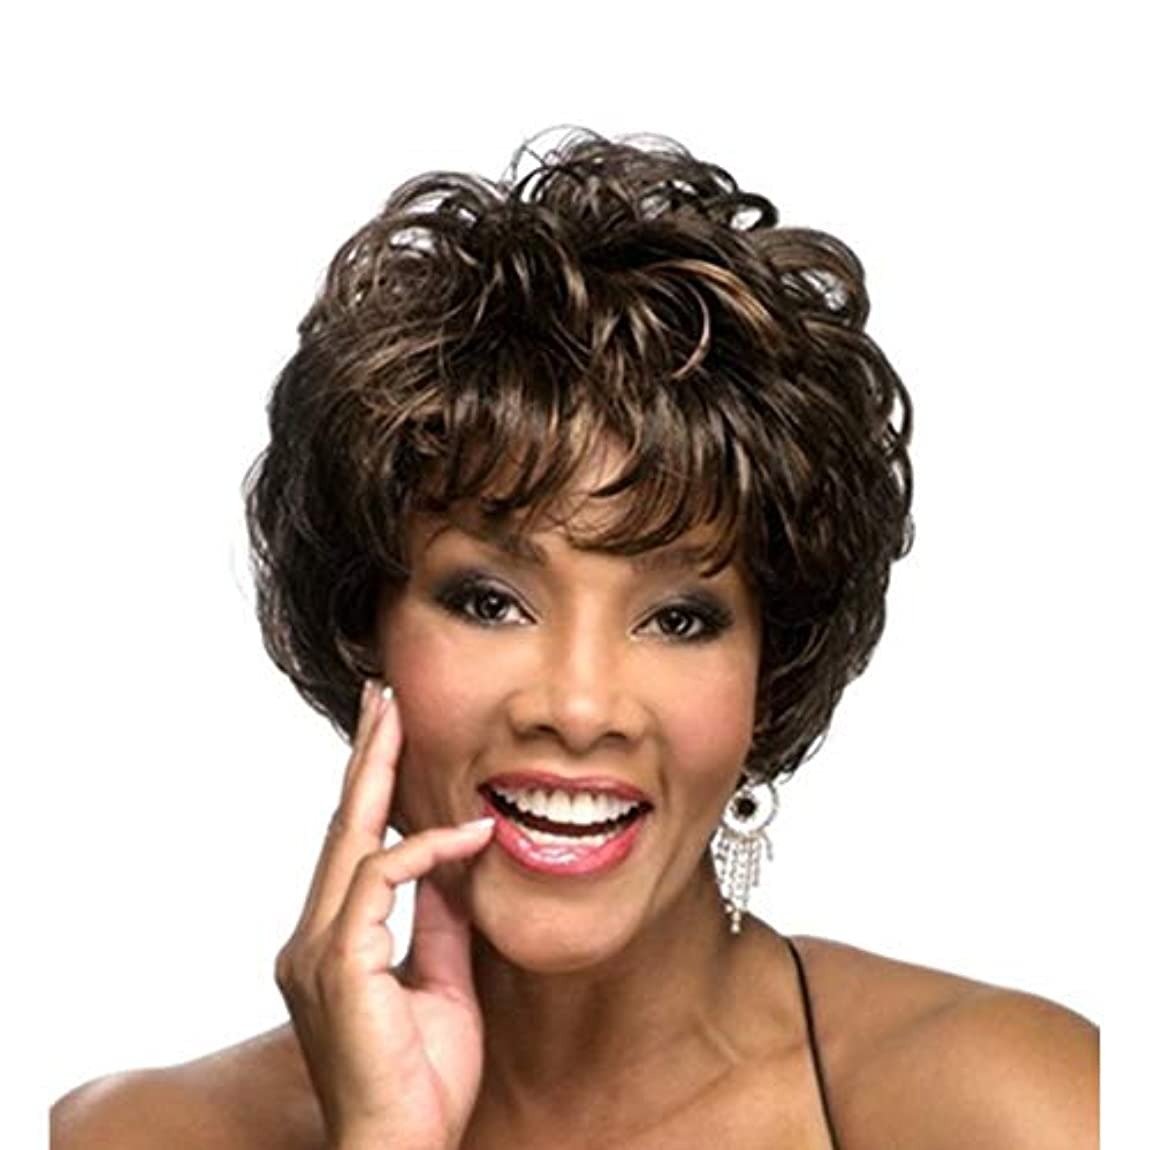 キャンベラティーンエイジャー一貫したWASAIO Cospaly党髪かつら女性のボブ茶色の短い巻き毛 (色 : ブラウン)